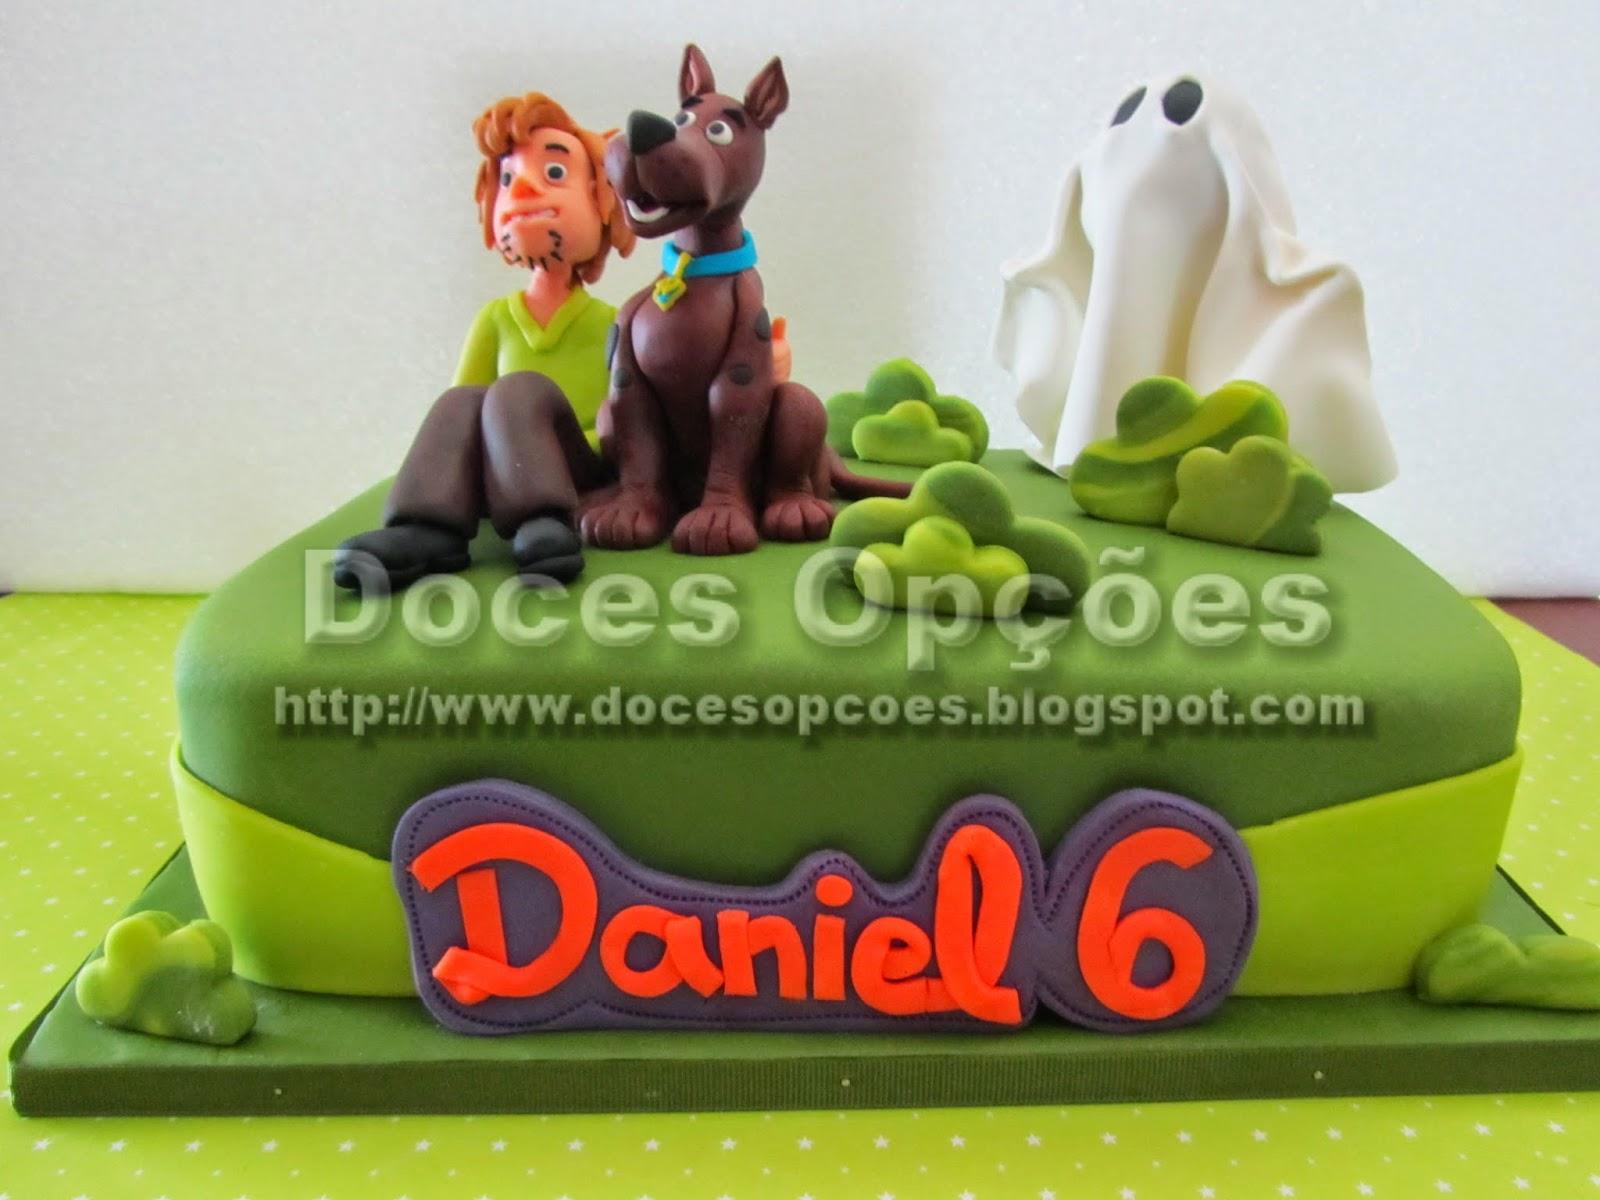 bolo Scooby-Doo doces opções bragança portugal